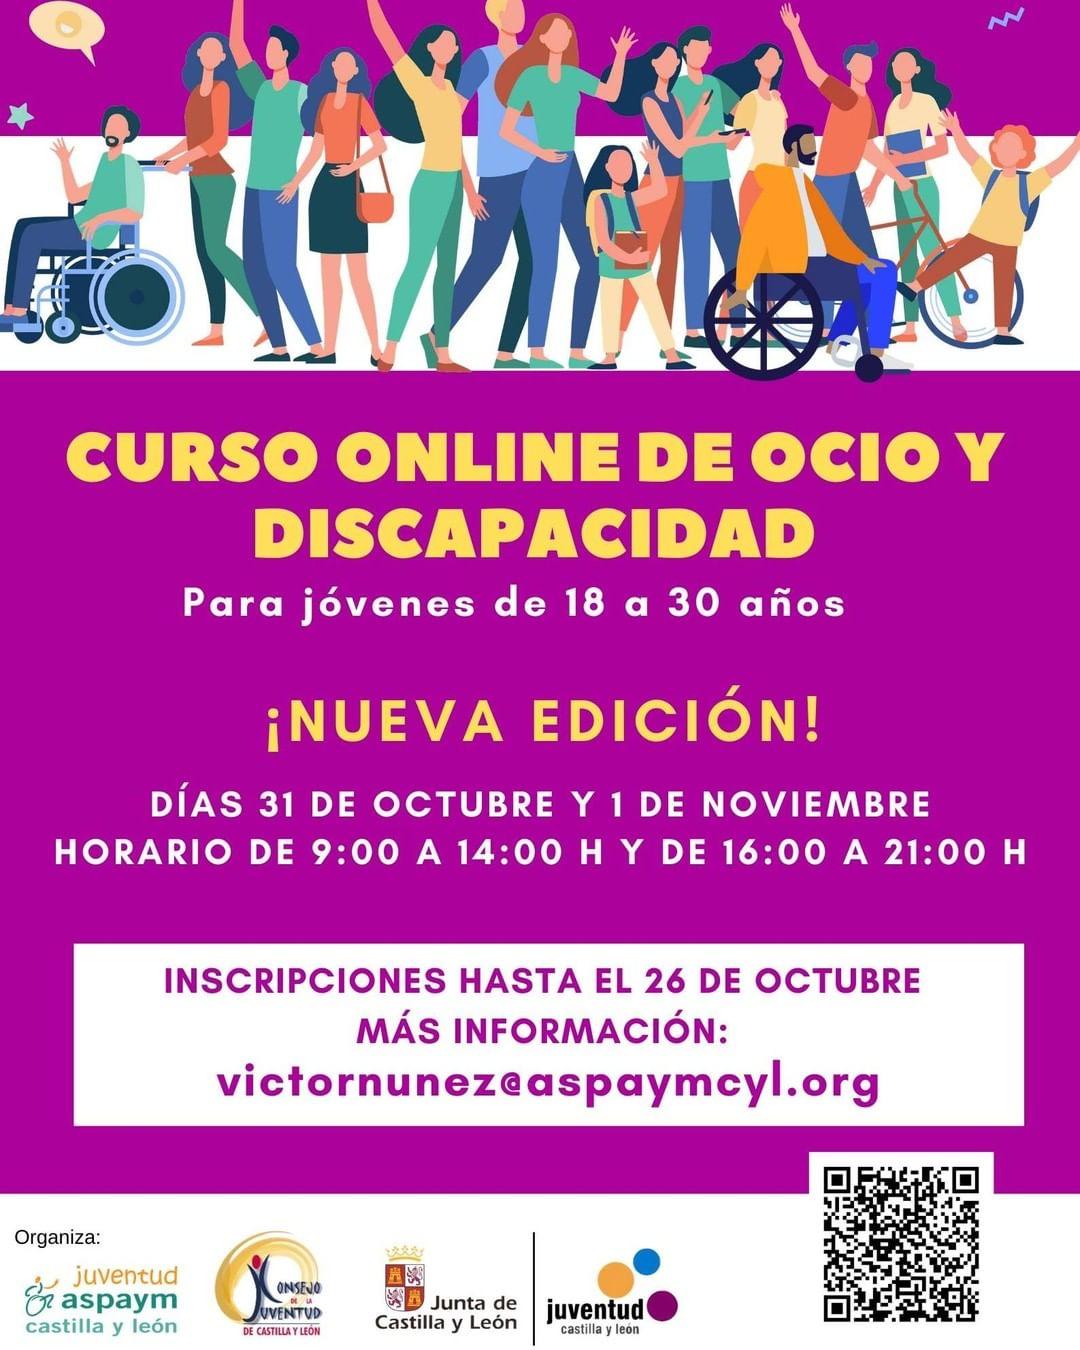 Curso Online de Ocio y Discapacidad